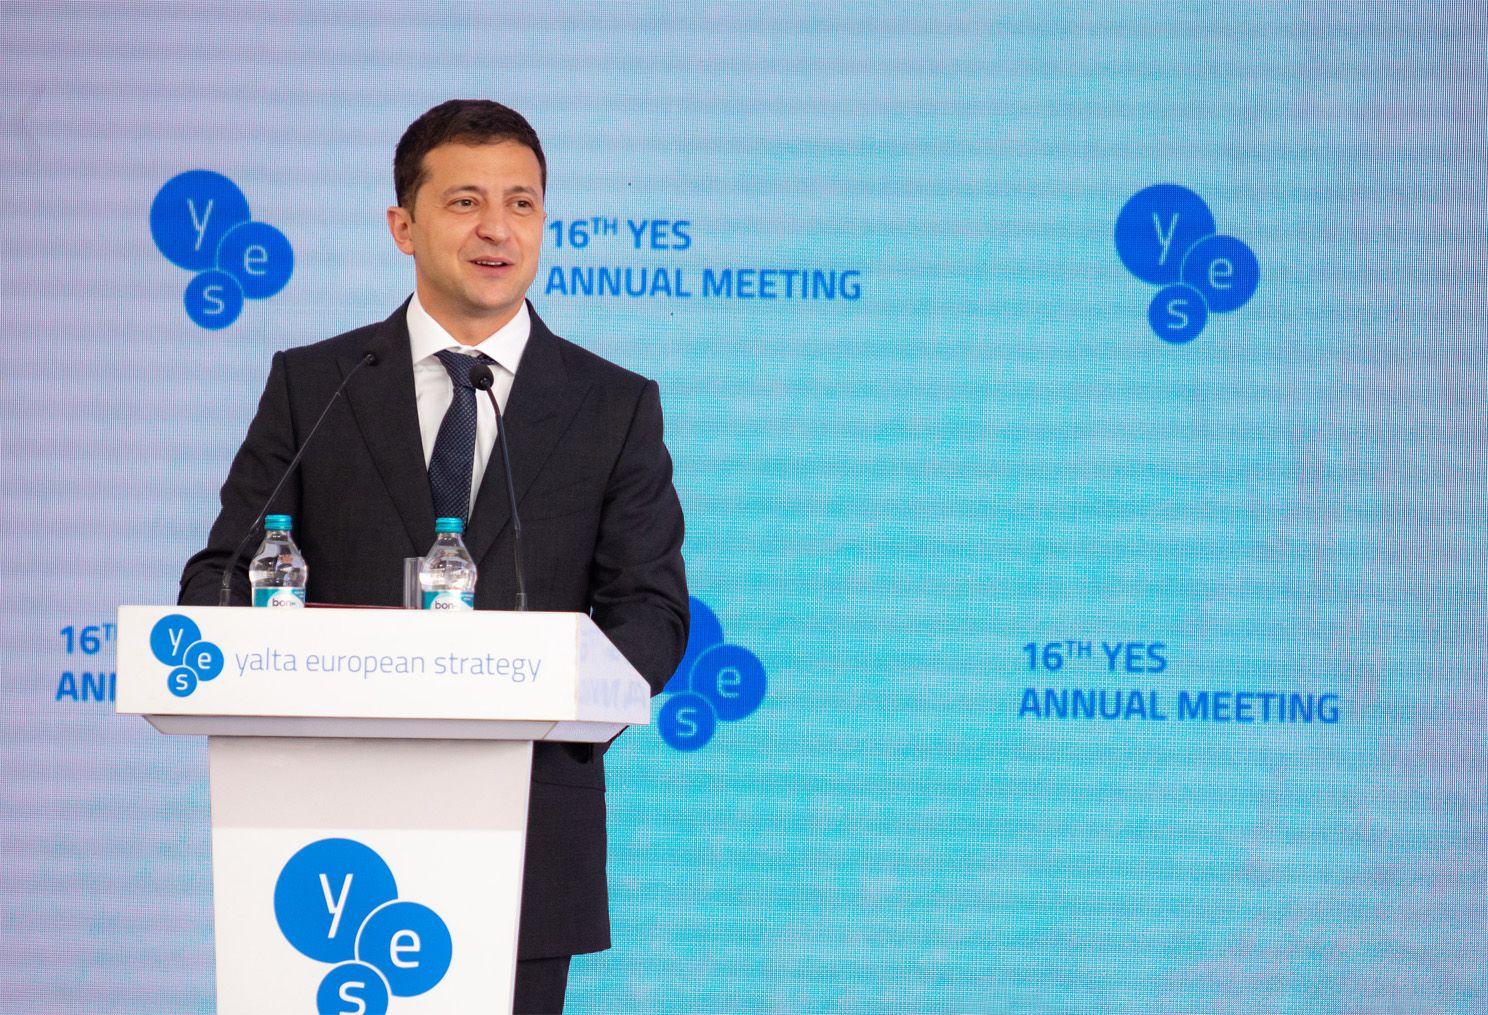 Для счастья украинцам нужно победить врагов — войну, бедность, коррупцию и зависть